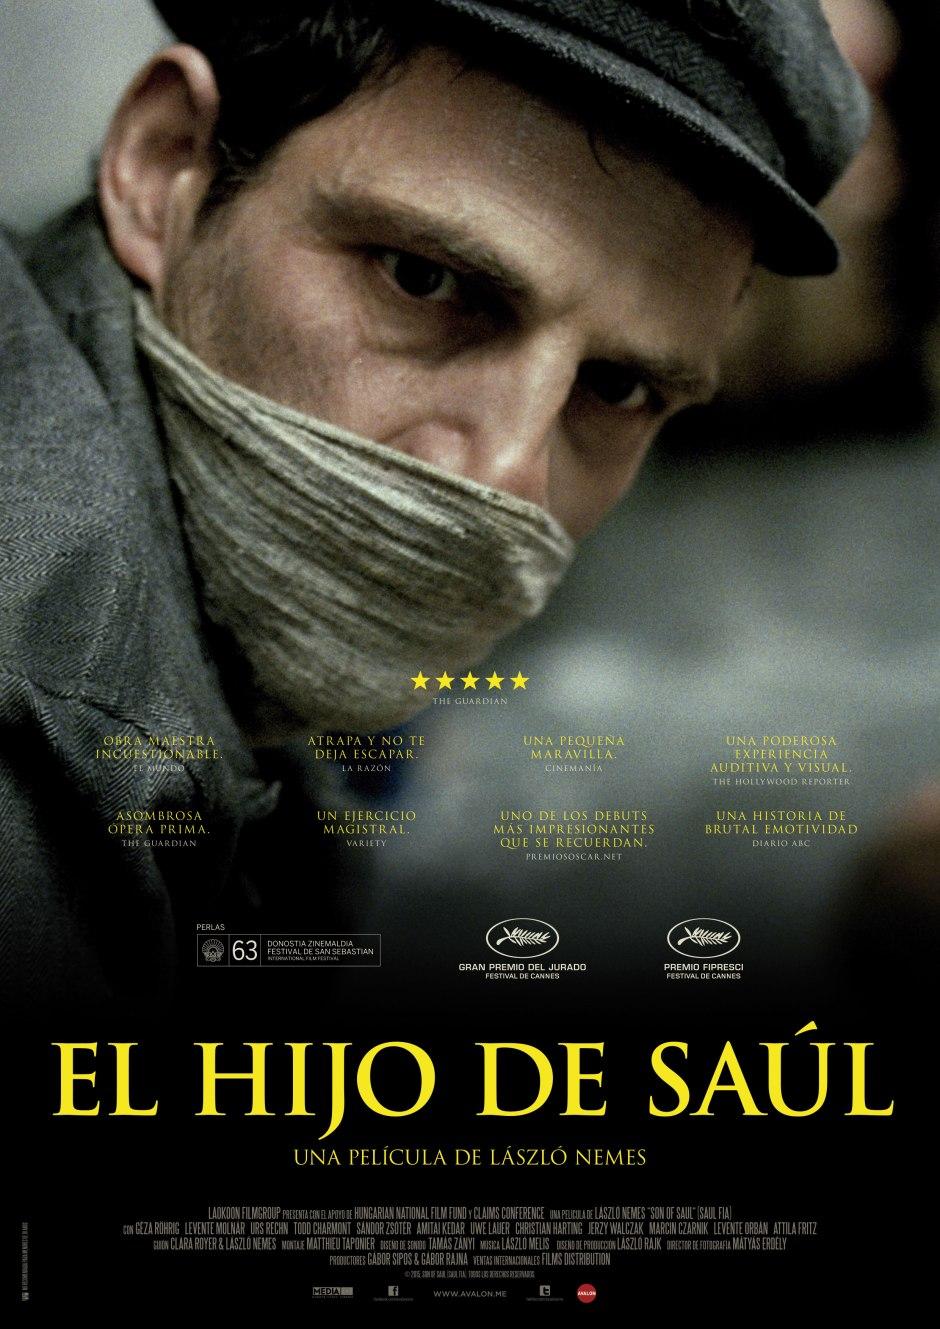 EL_HIJO_DE_SAUL_poster